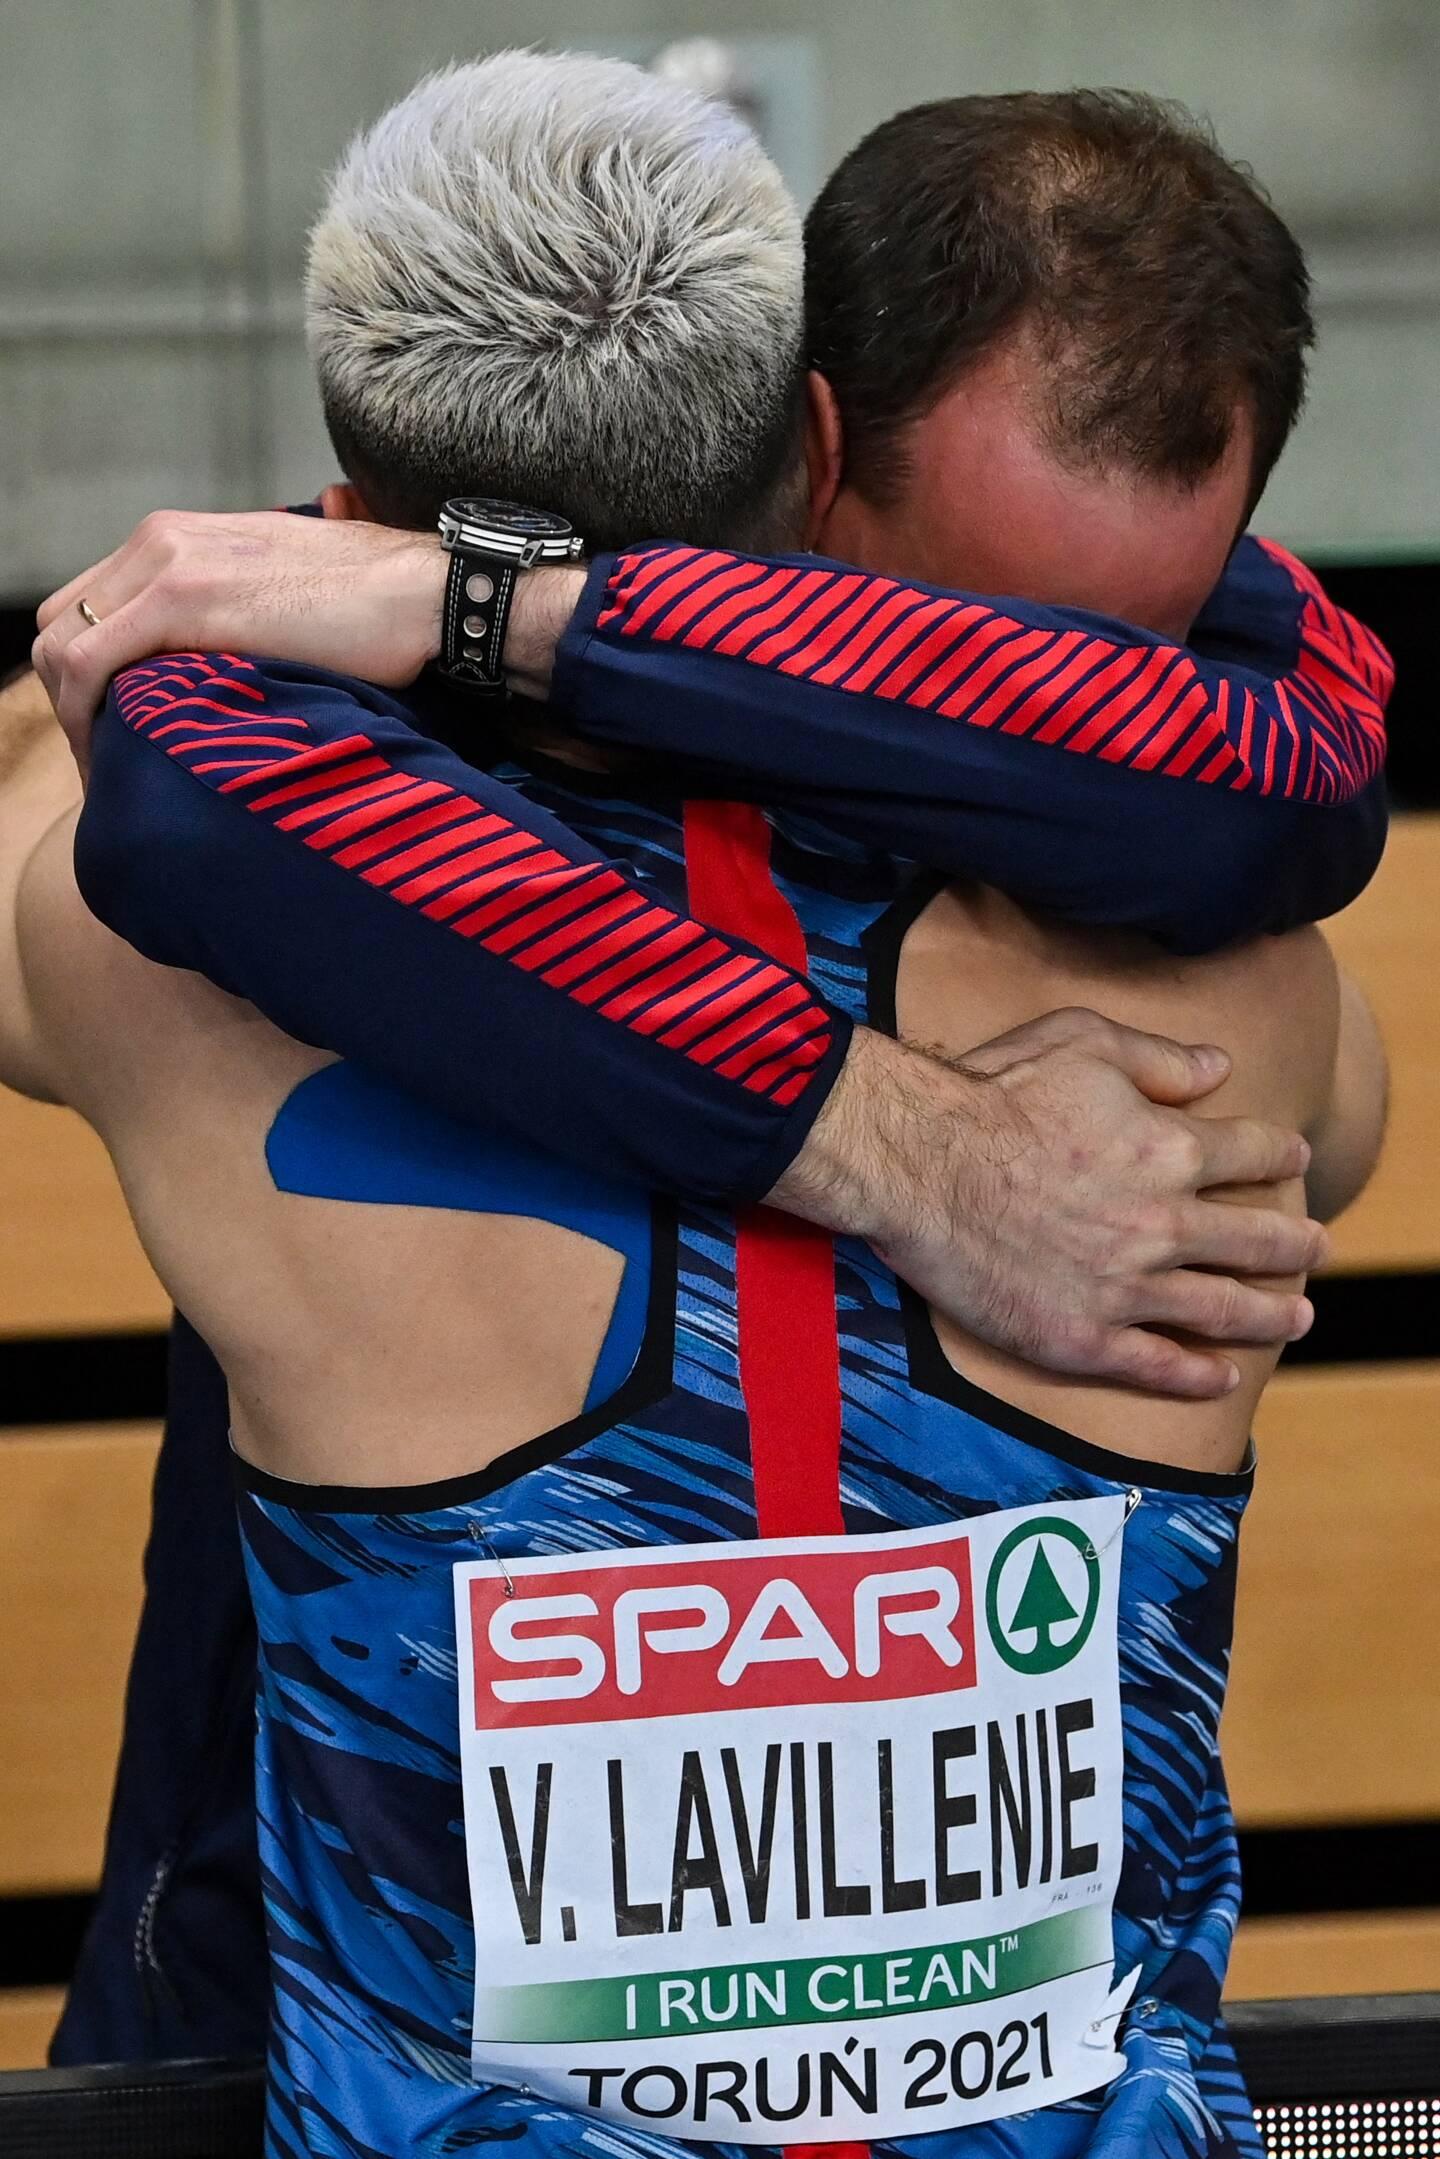 """Son frère aîné Renaud, lui """"sauve la vie"""" après une mauvaise chute qui a failli mettre fin à sa carrière sportive"""